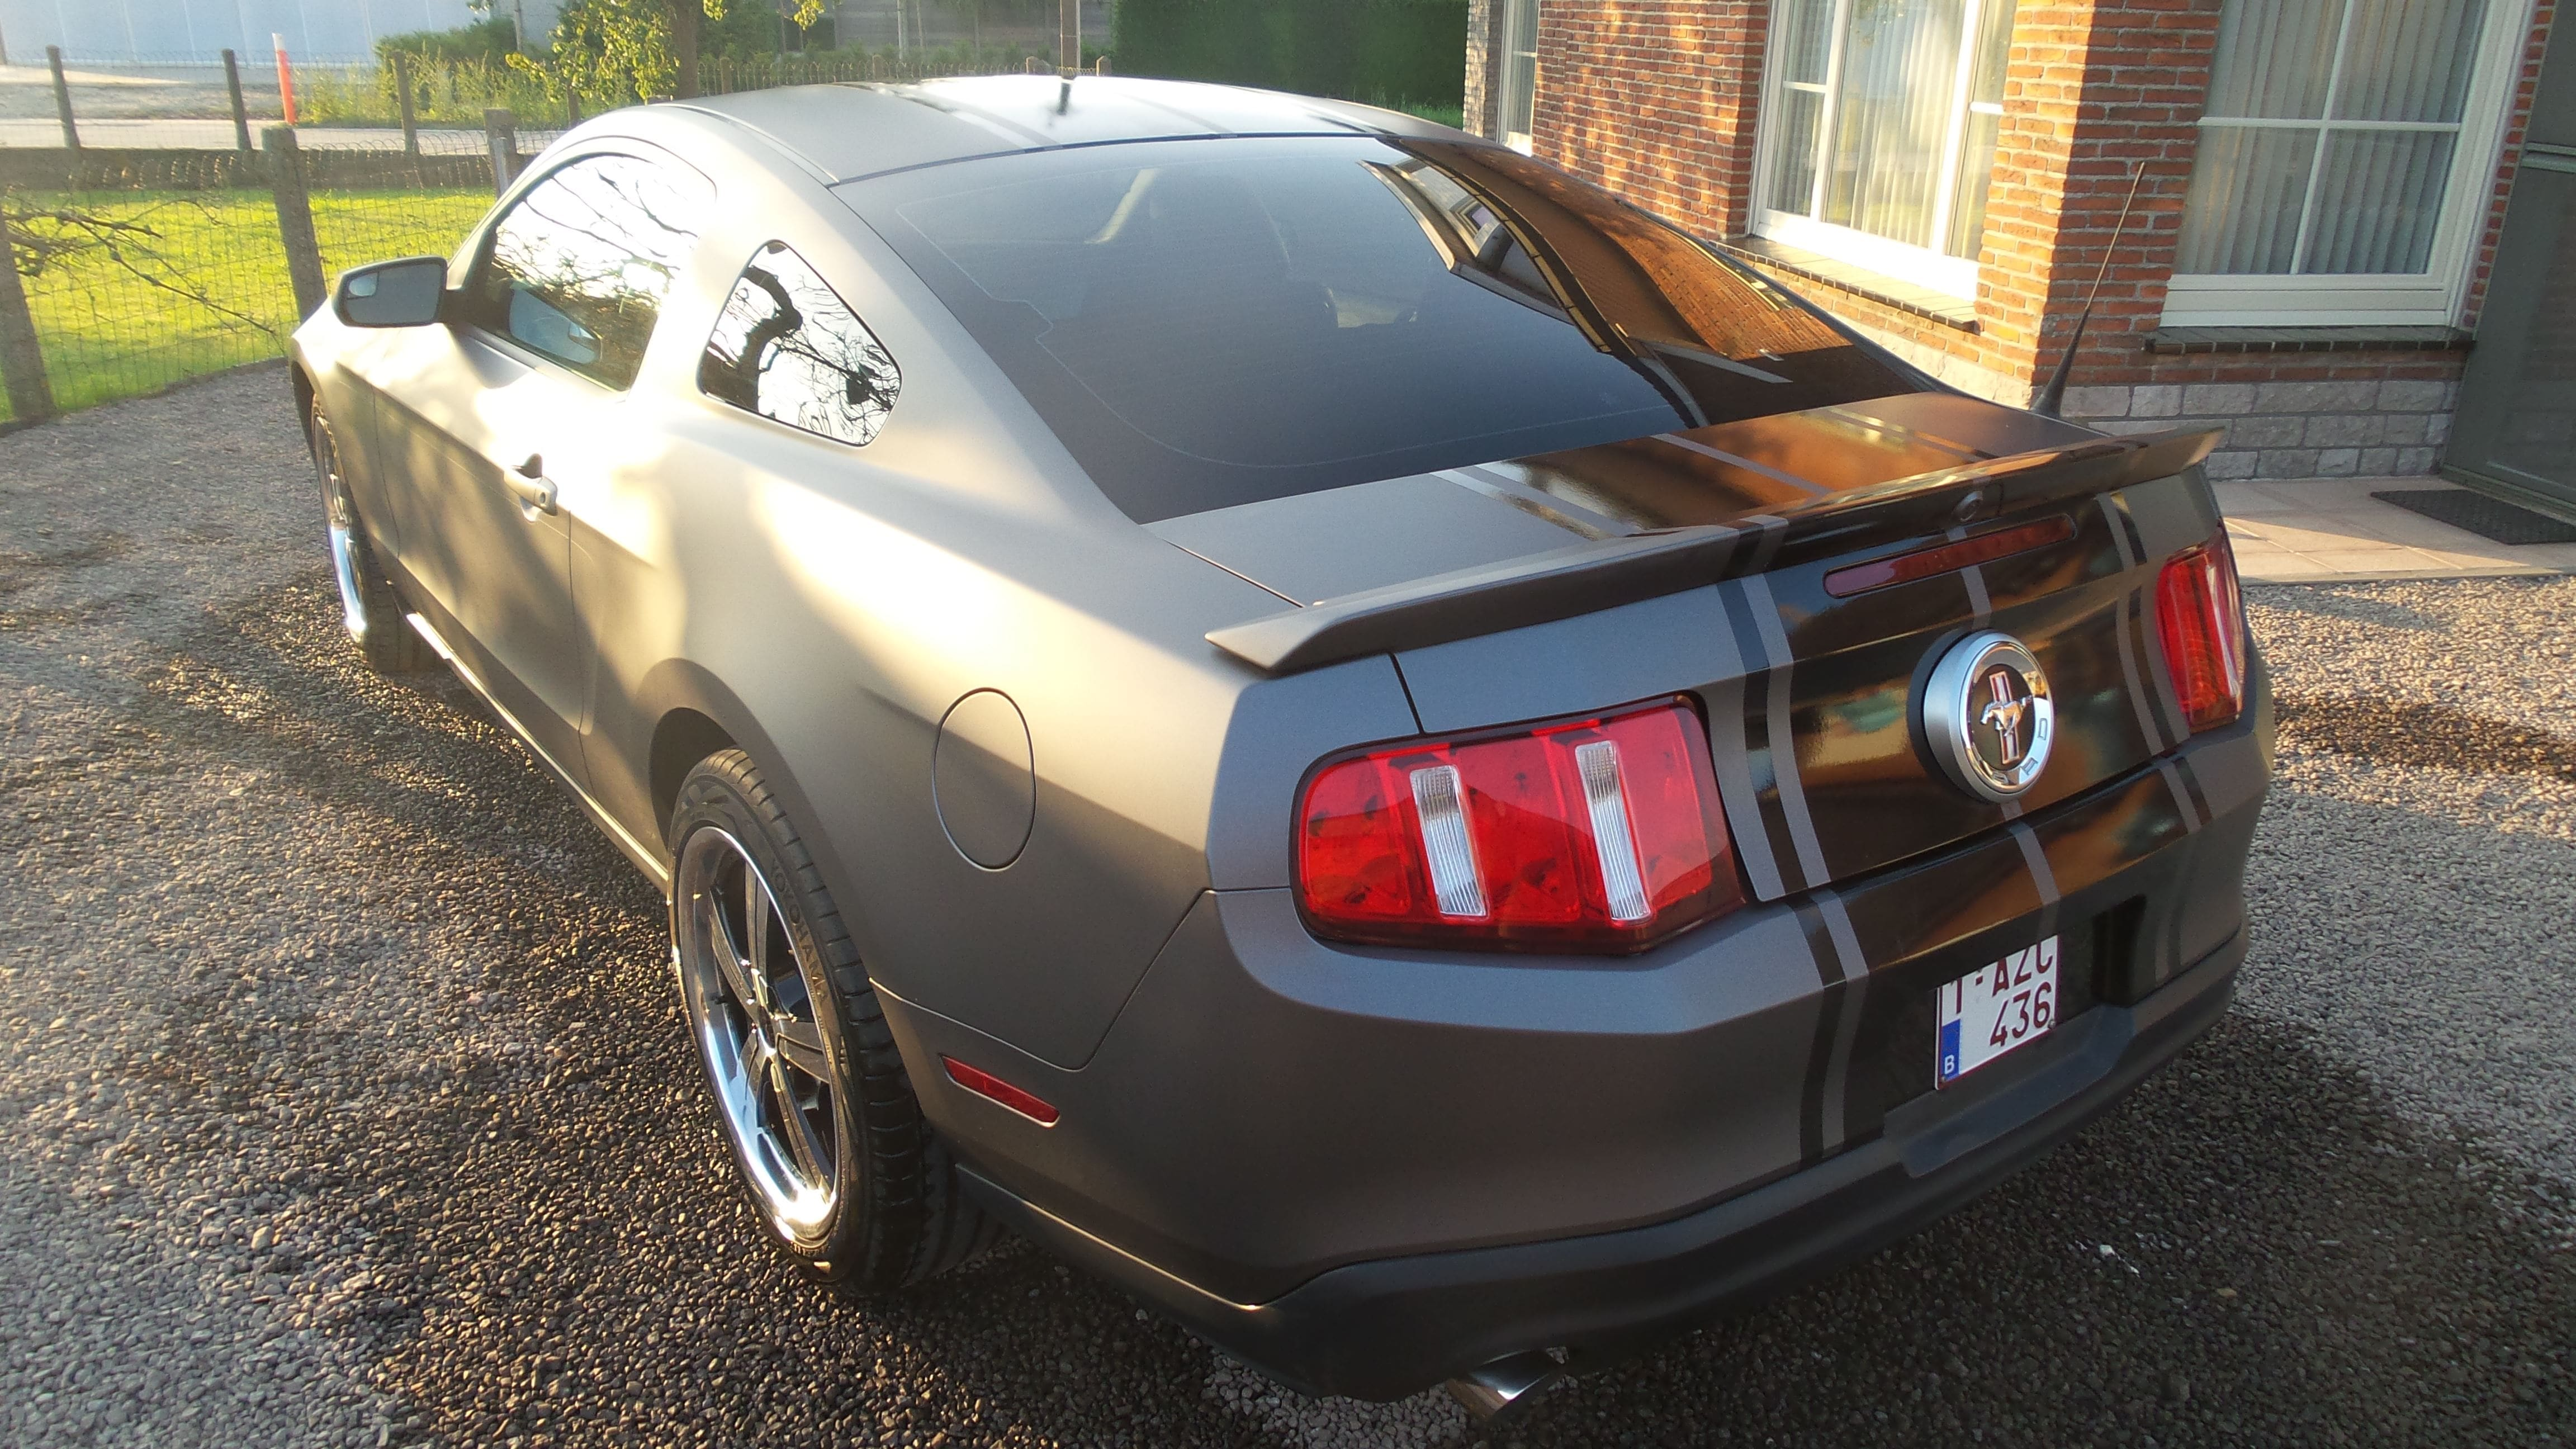 Ford Mustang 2009 met Gunpowder Wrap, Carwrapping door Wrapmyride.nu Foto-nr:5811, ©2021